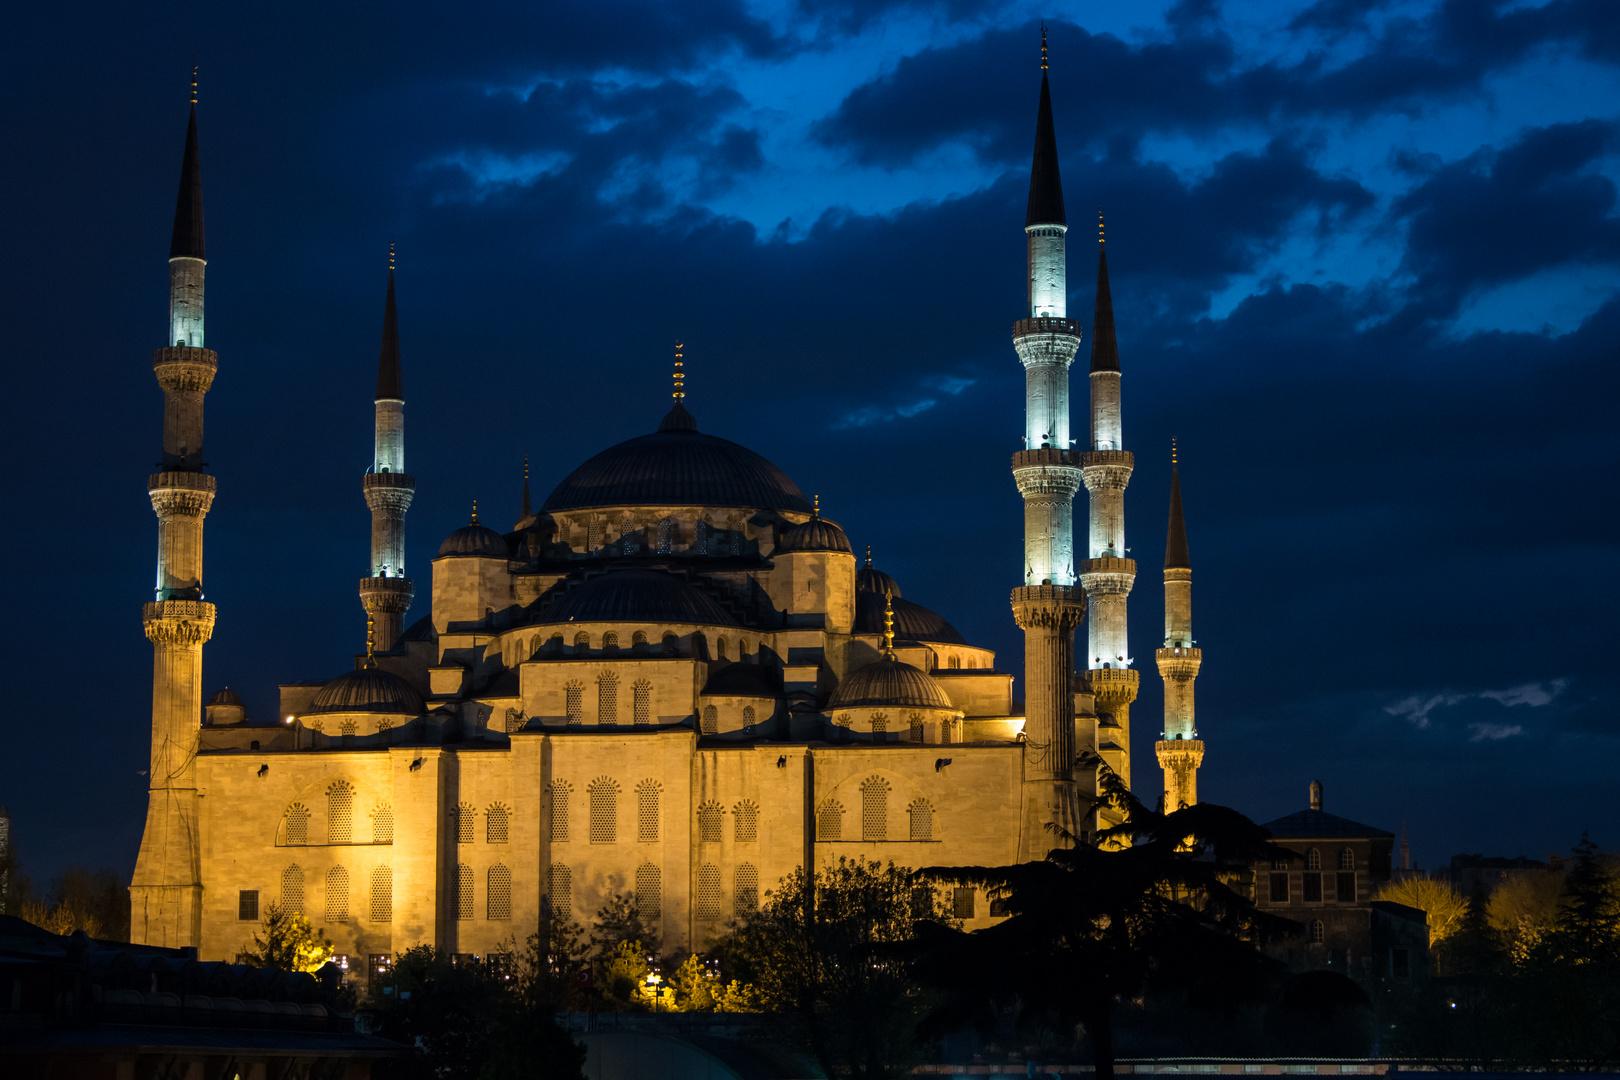 Die Blaue Moschee nach Sonnenuntergang